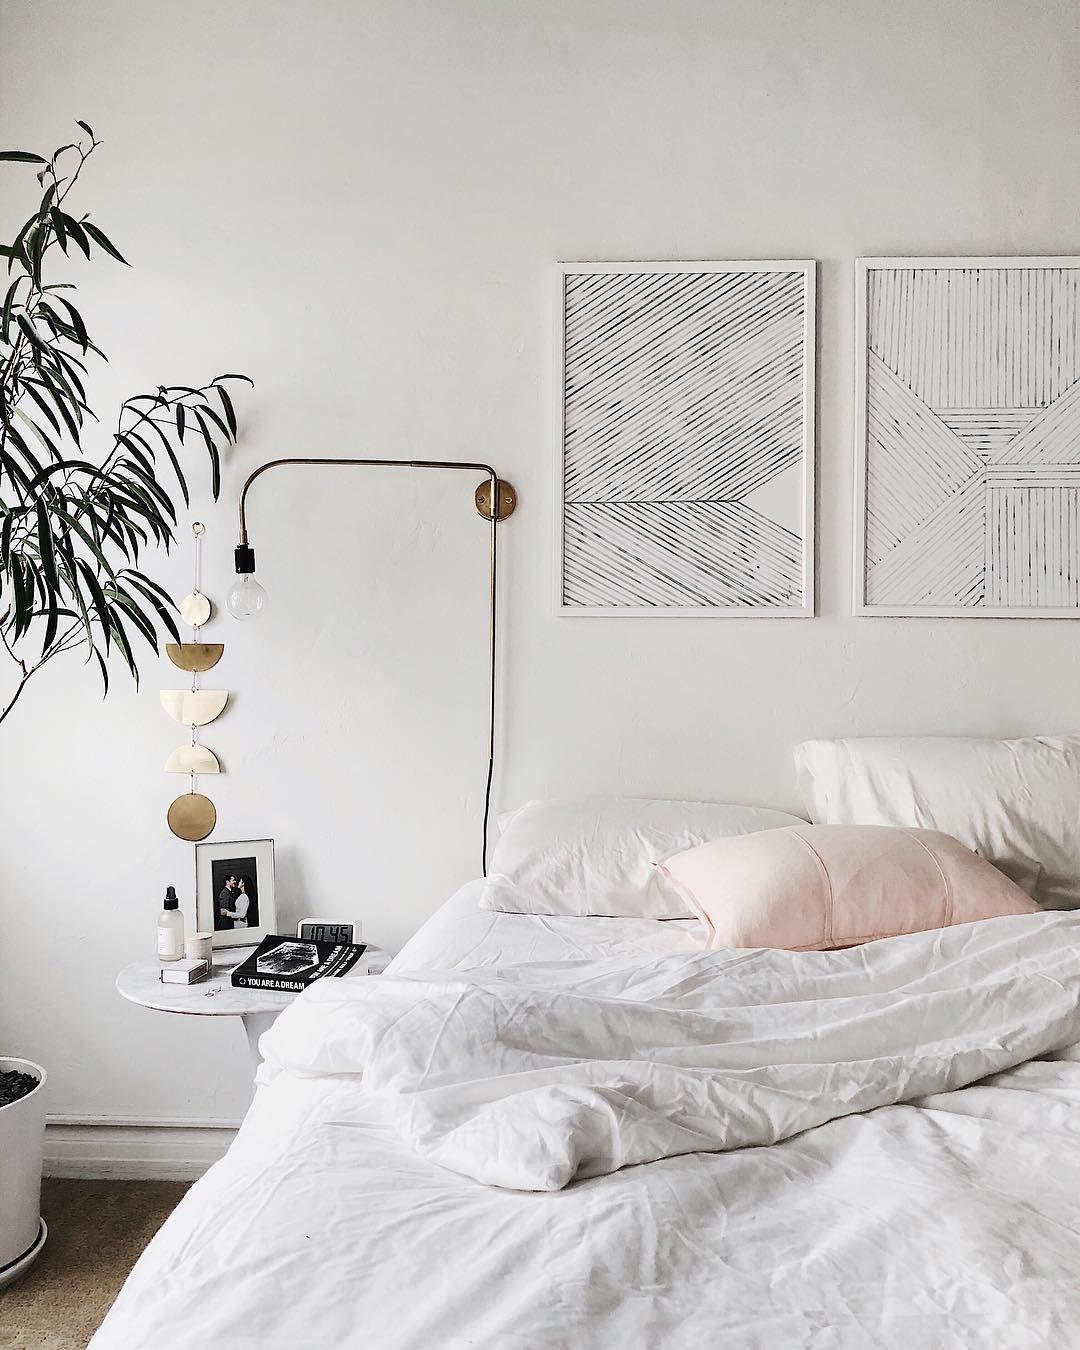 Minimal White Bedroom All White Bedroom Minimalist Bedroom Design Simple Bedroom